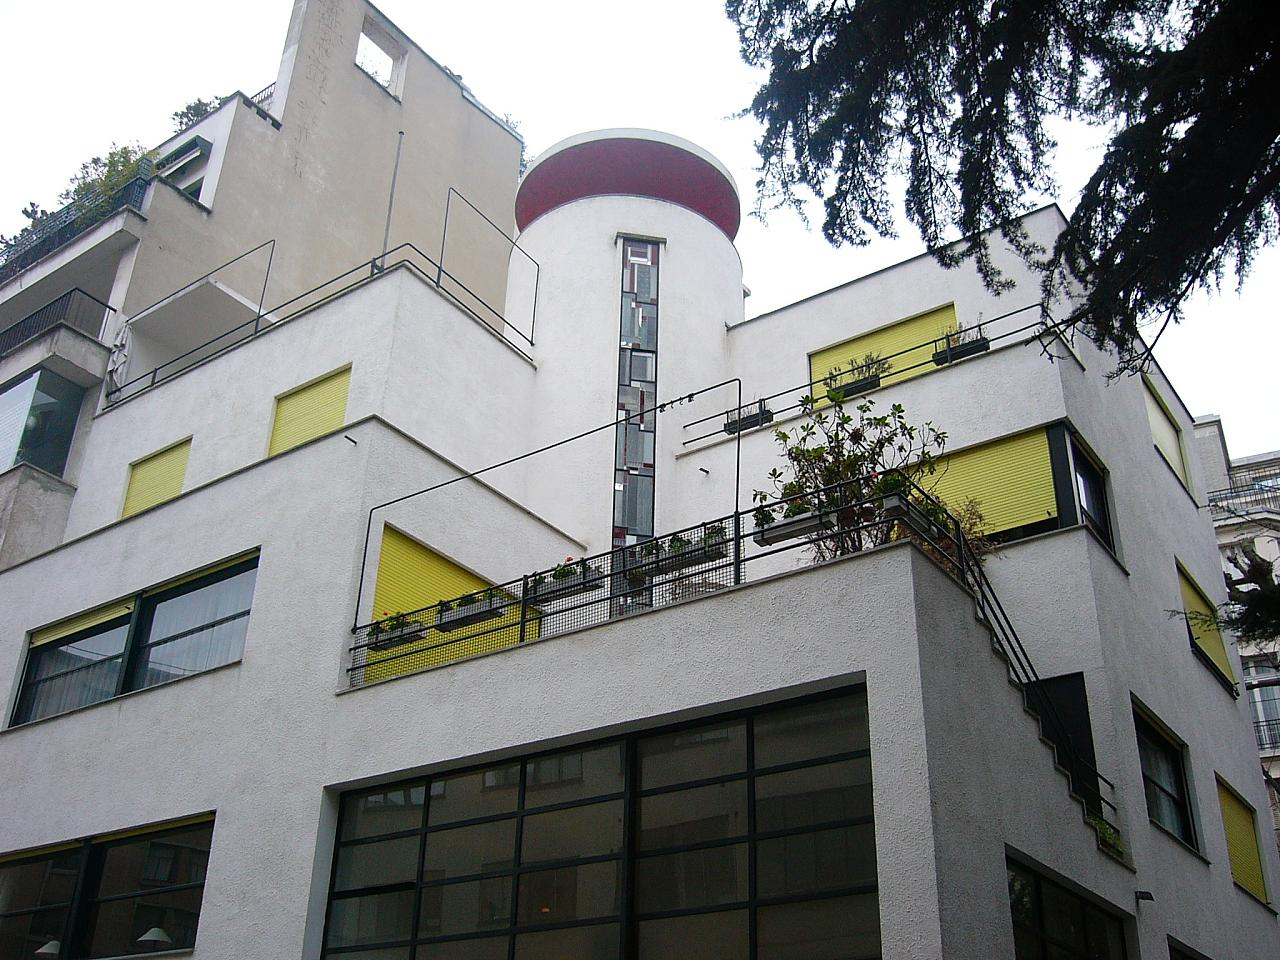 File:Villa des frères Martel construite par Robert Mallet-Stevens au 10 rue Mallet-Stevens (Paris), en 1927.jpg